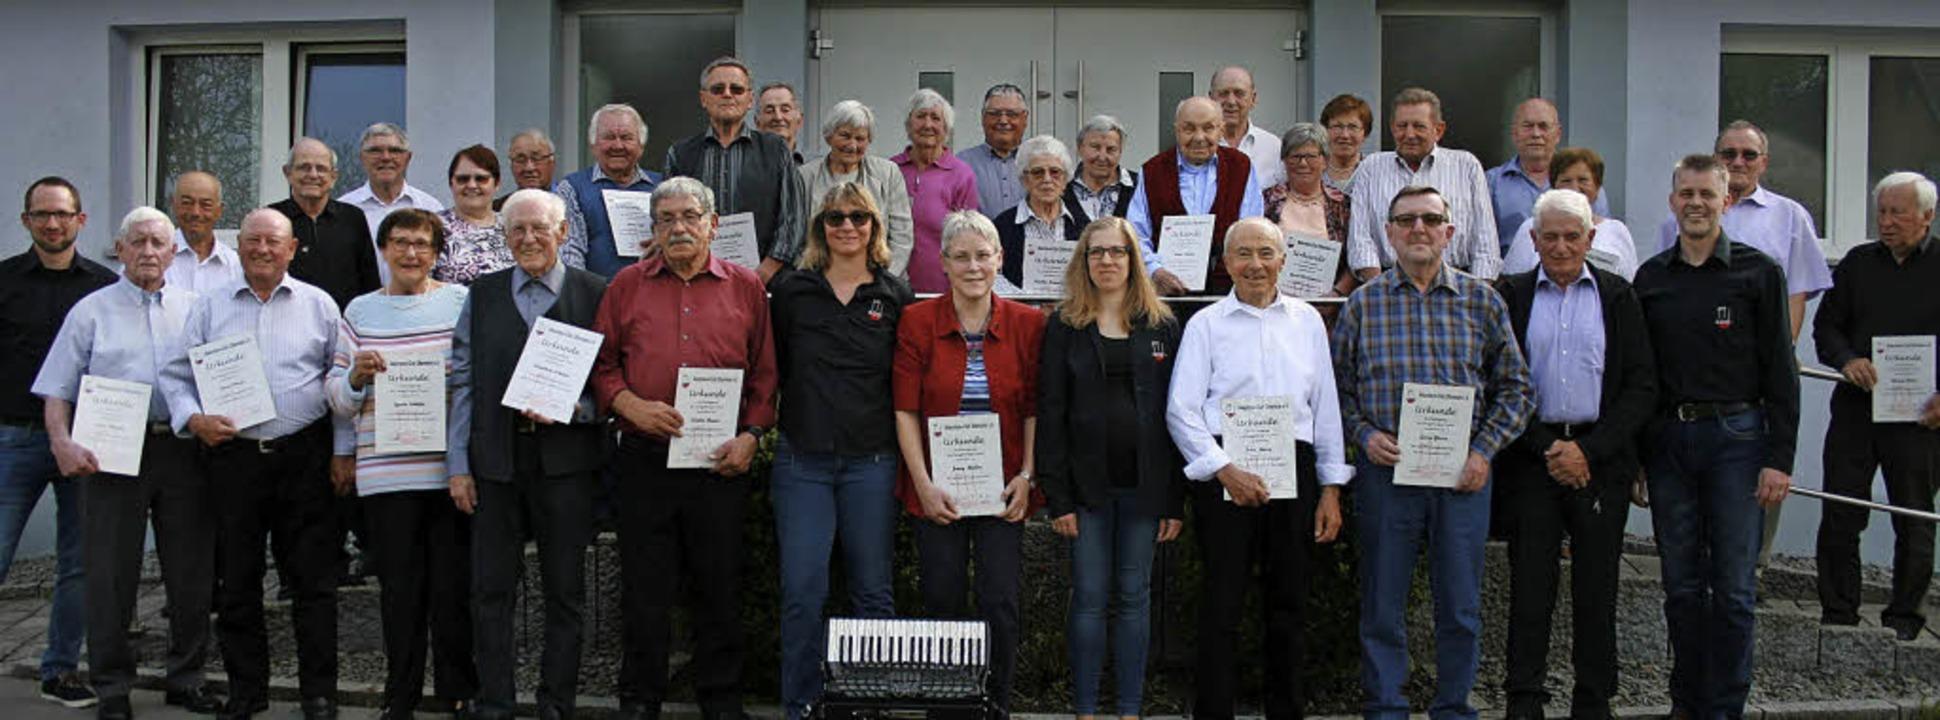 Eine extra Ehrungsfeier hat der Akkord... langjährige Mitglieder ausgerichtet.   | Foto: Martin Frenk